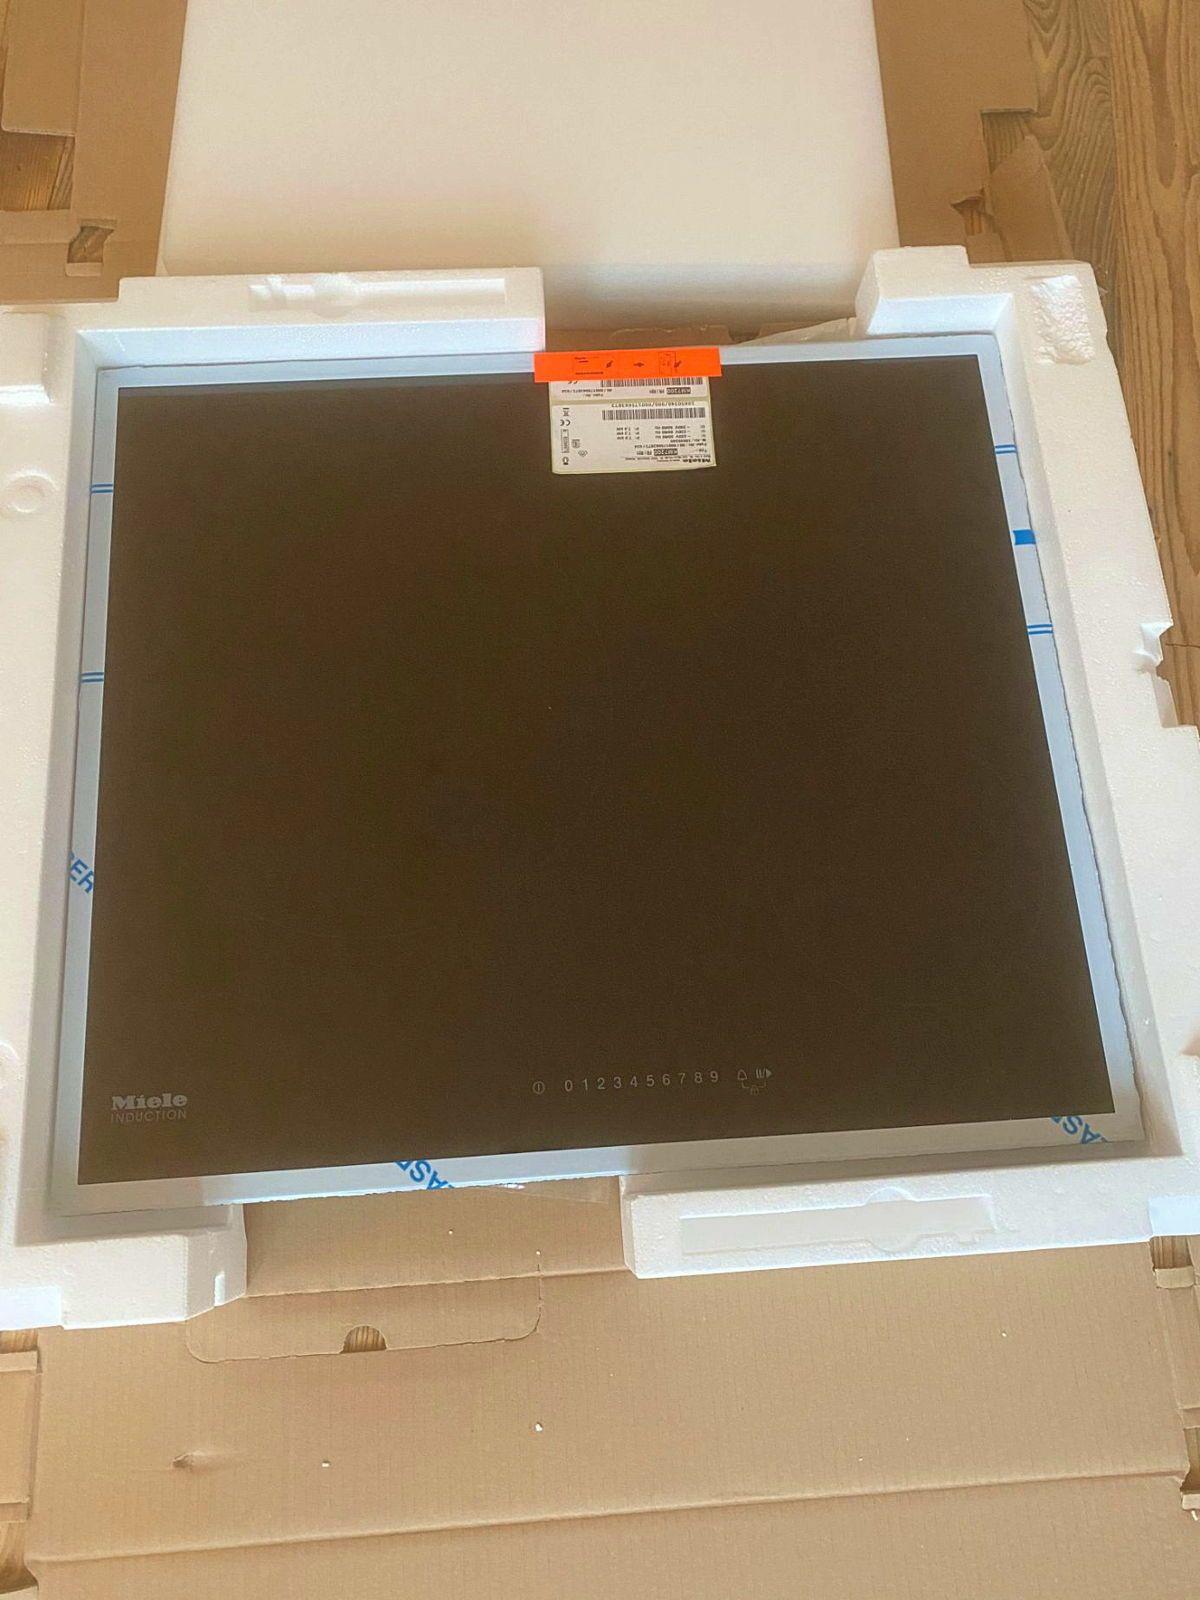 Vends table de cuisson à induction neuve Miele KM7200FR